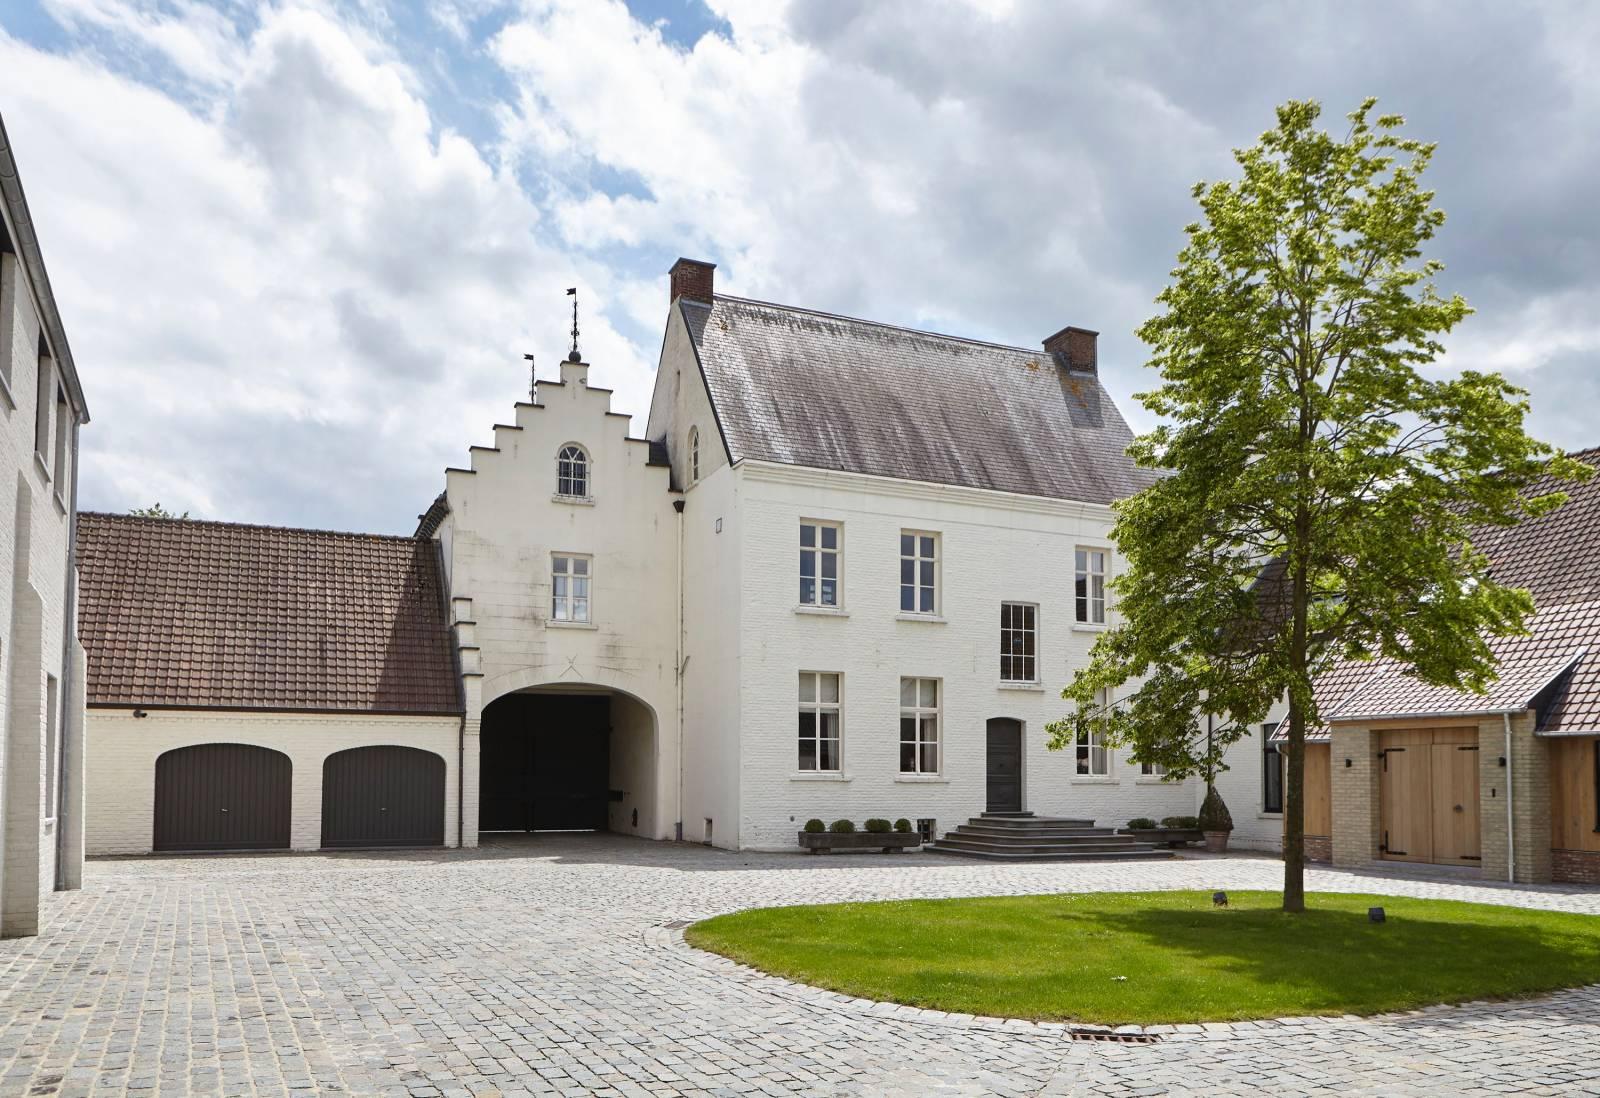 Hove van Herpelgem - Feestzaal Kluisbergen - Trouwzaal - House of Weddings - 11